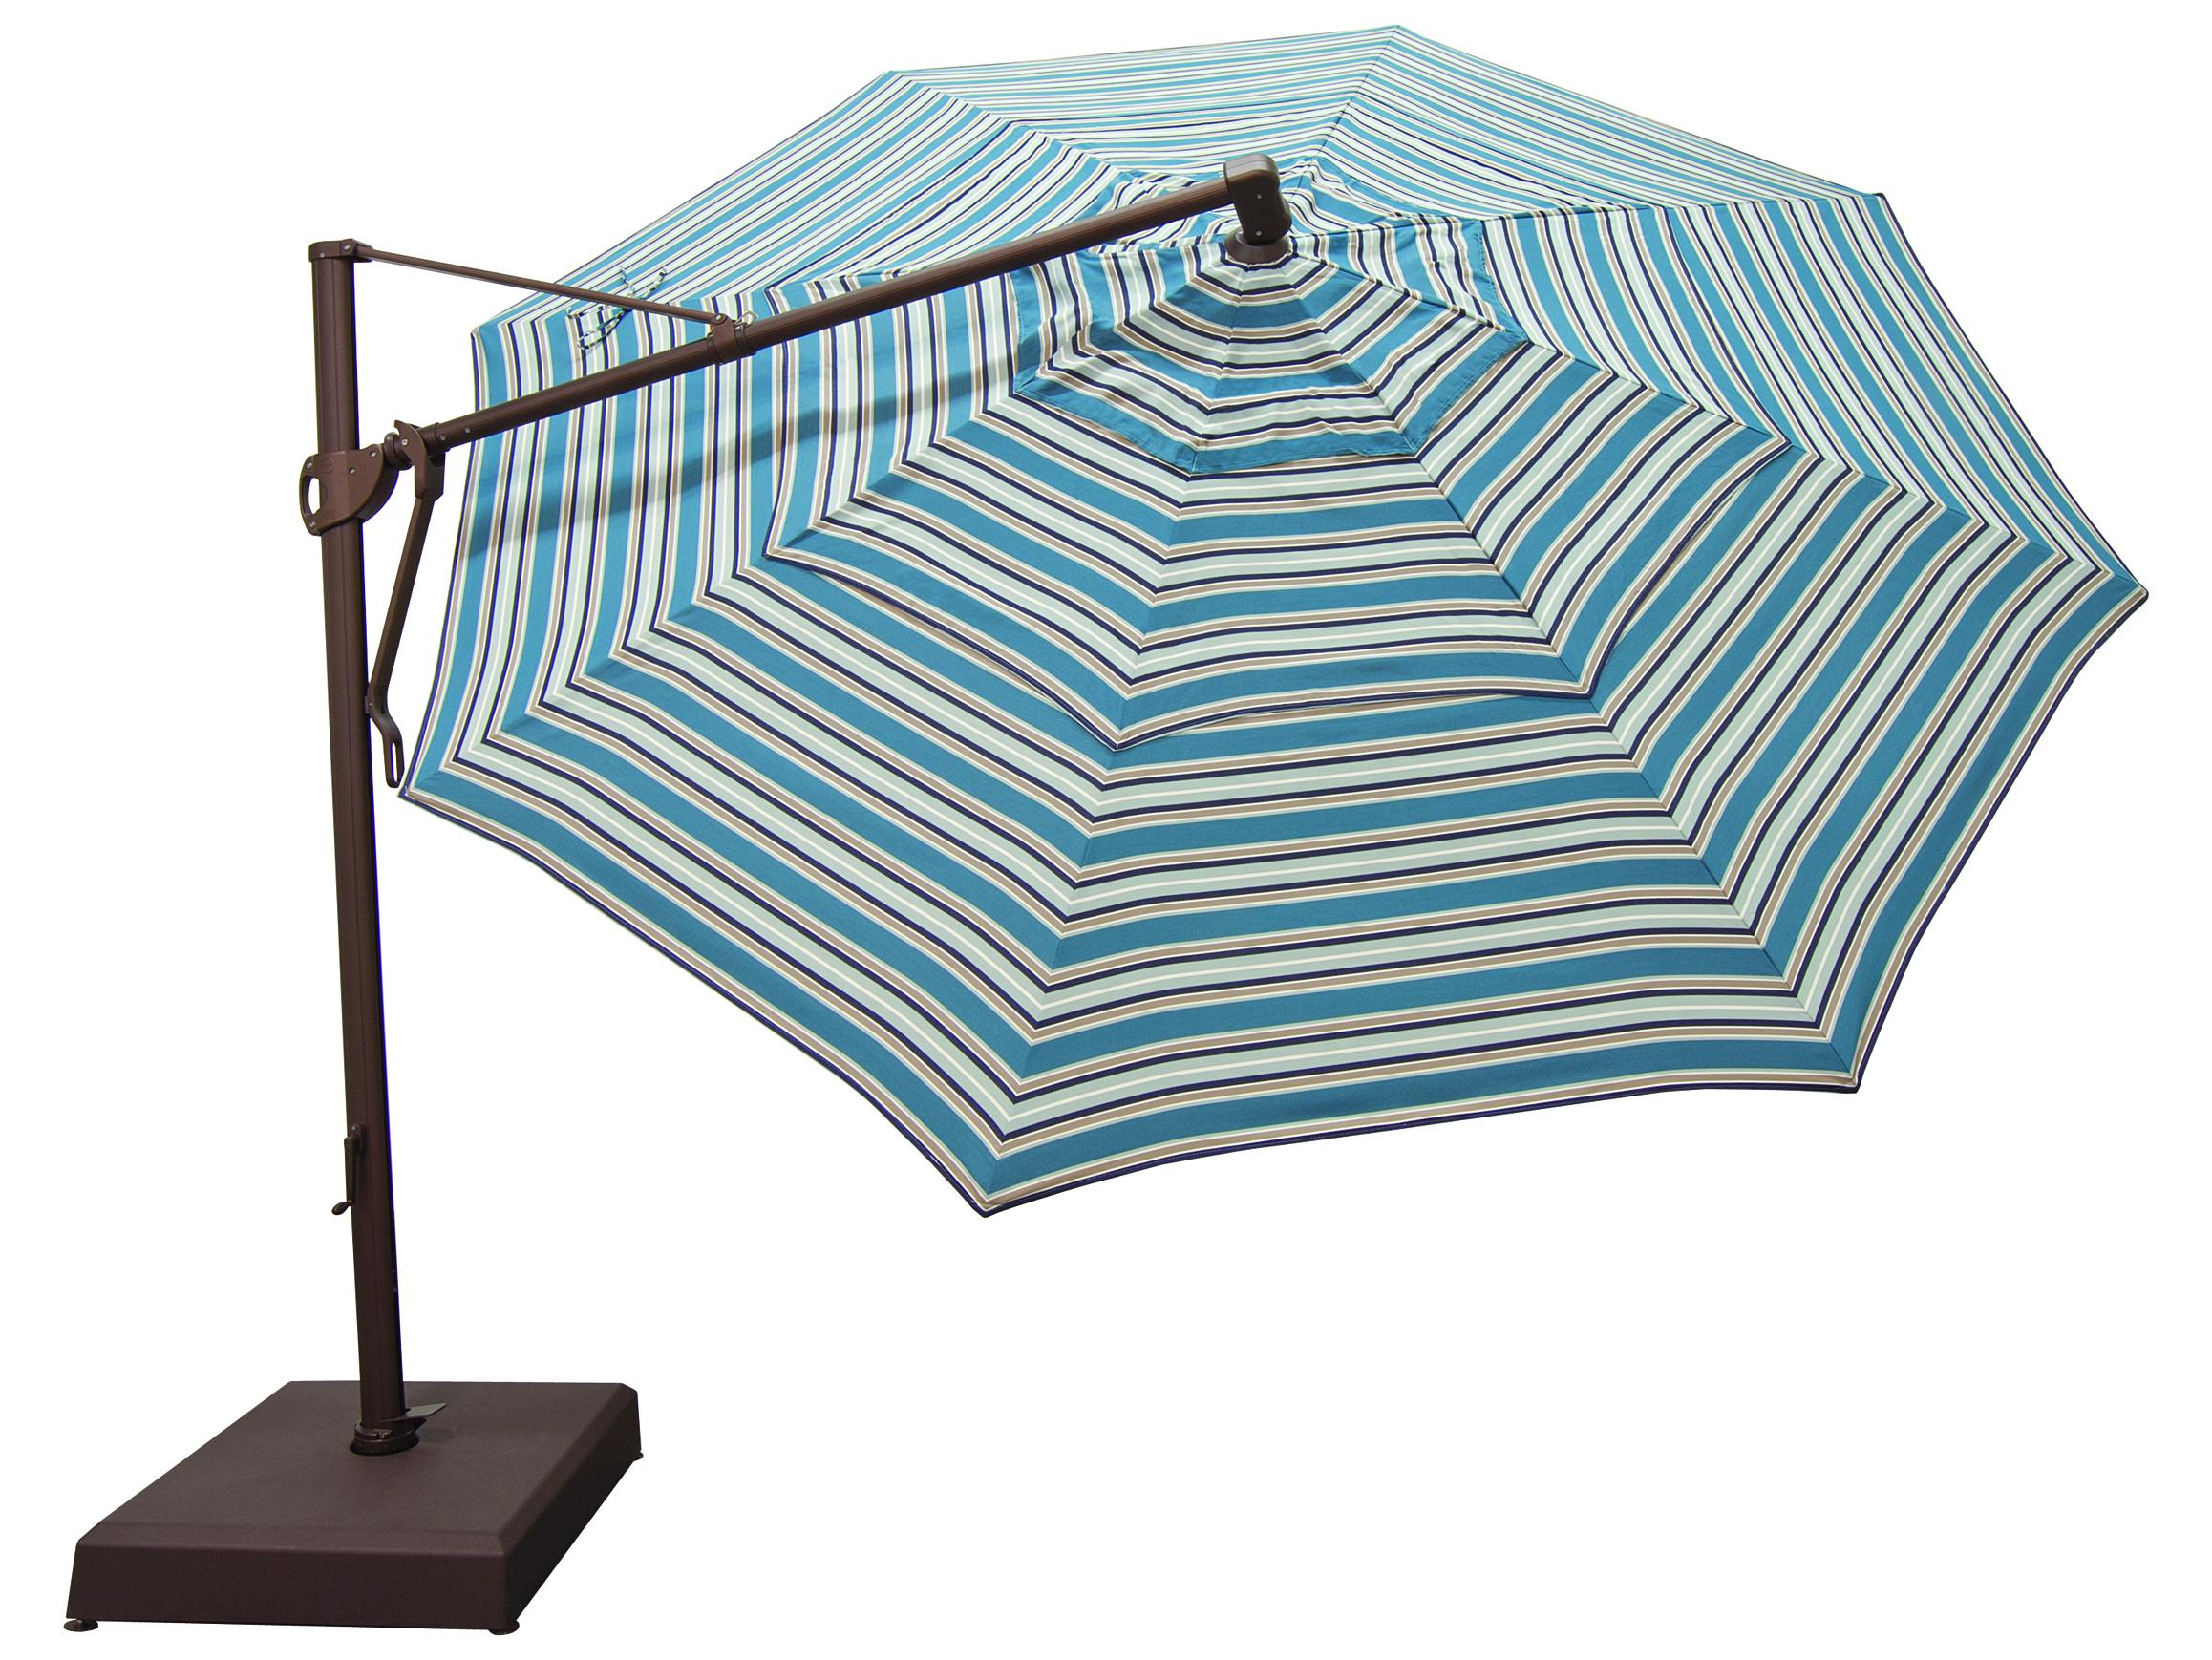 Treasure Garden Cantilever Aluminum 13 Foot Wide Crank Lift Tilt Lock Umbrella Akz13